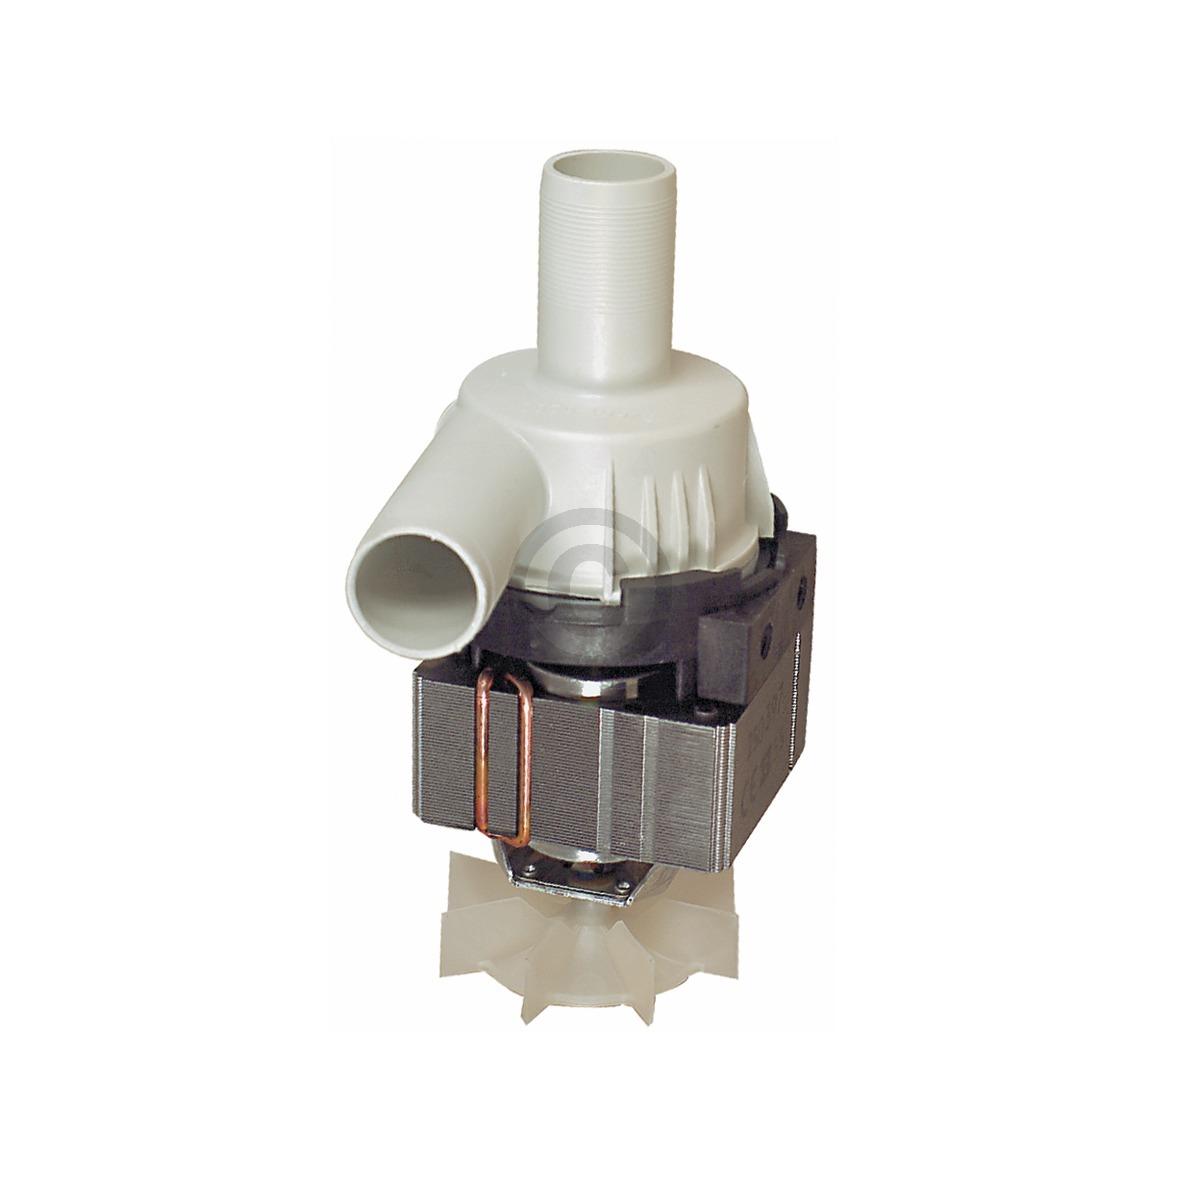 Ablaufpumpe wie Miele HANNING KD22B3679 mit Pumpenkopf für Waschmaschine